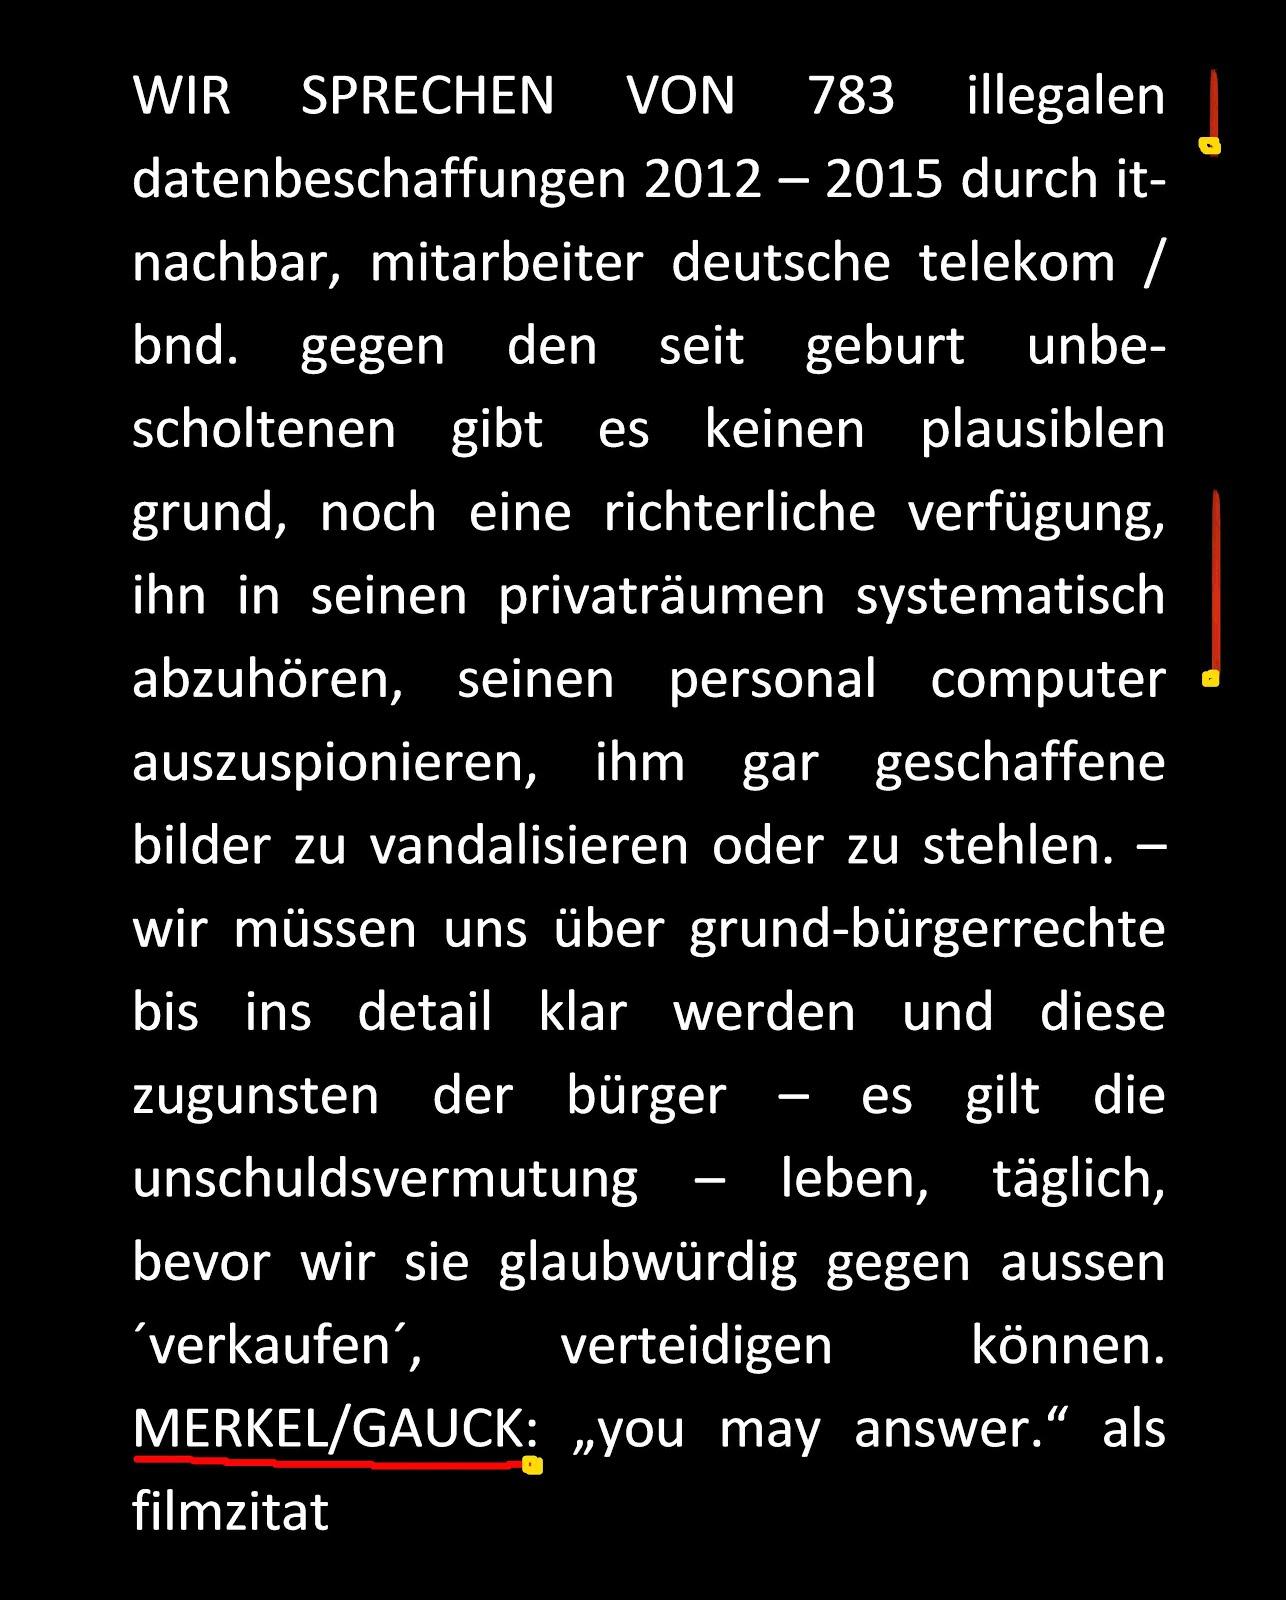 gauck elizabeth II didier burkhalter mischa vetere wiedergutmachung deutschland illegale daten